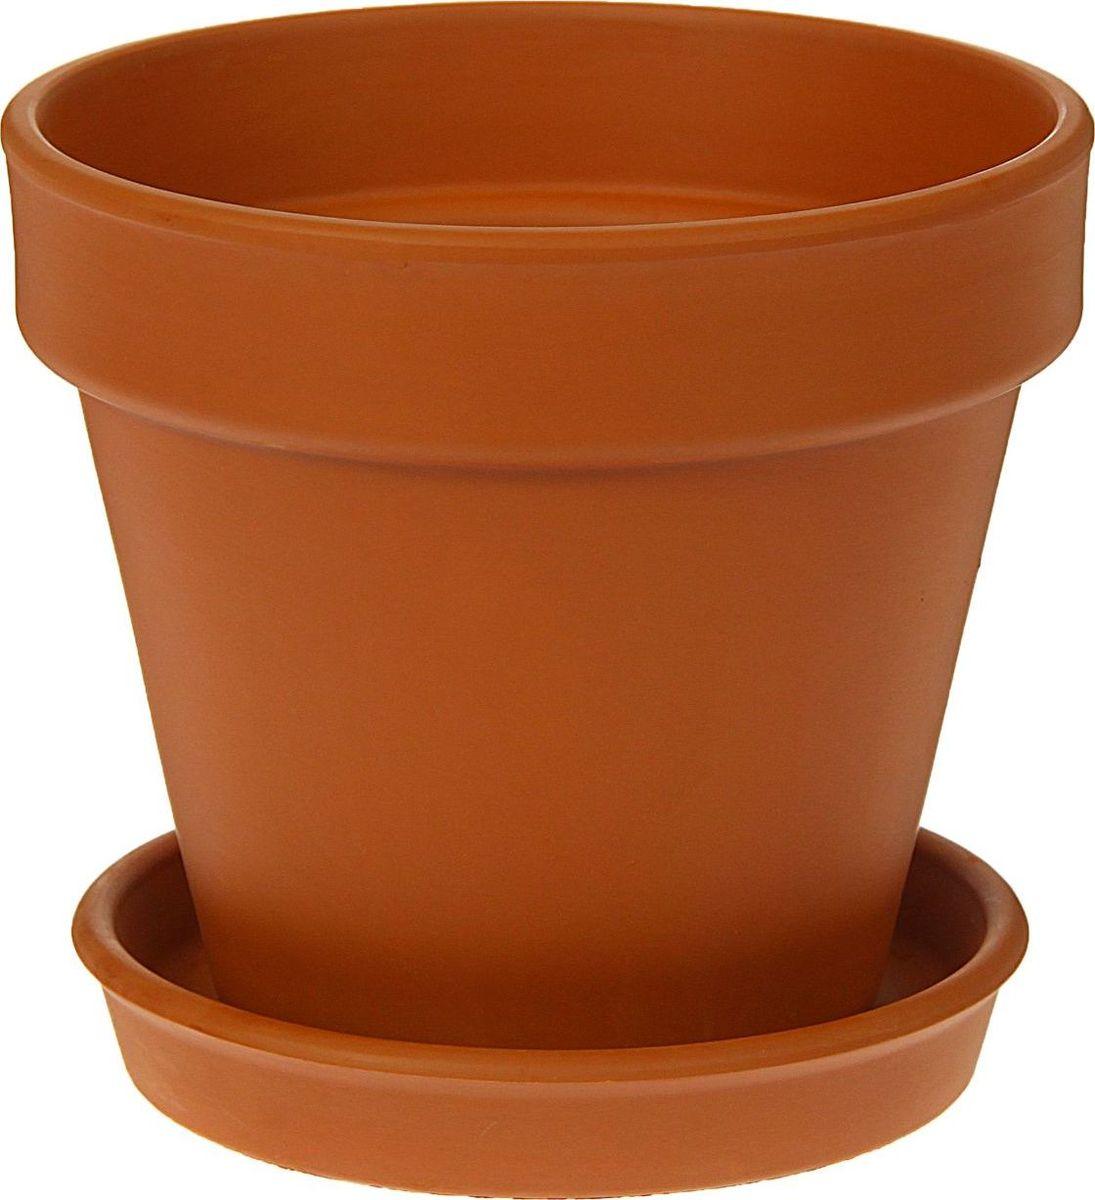 Кашпо Керамика ручной работы Стандарт, цвет: коричневый, 2 л1354679Комнатные растения — всеобщие любимцы. Они радуют глаз, насыщают помещение кислородом и украшают пространство. Каждому из них необходим свой удобный и красивый дом. Кашпо из керамики прекрасно подходят для высадки растений: за счёт пластичности глины и разных способов обработки существует великое множество форм и дизайновпористый материал позволяет испаряться лишней влагевоздух, необходимый для дыхания корней, проникает сквозь керамические стенки! #name# позаботится о зелёном питомце, освежит интерьер и подчеркнёт его стиль.